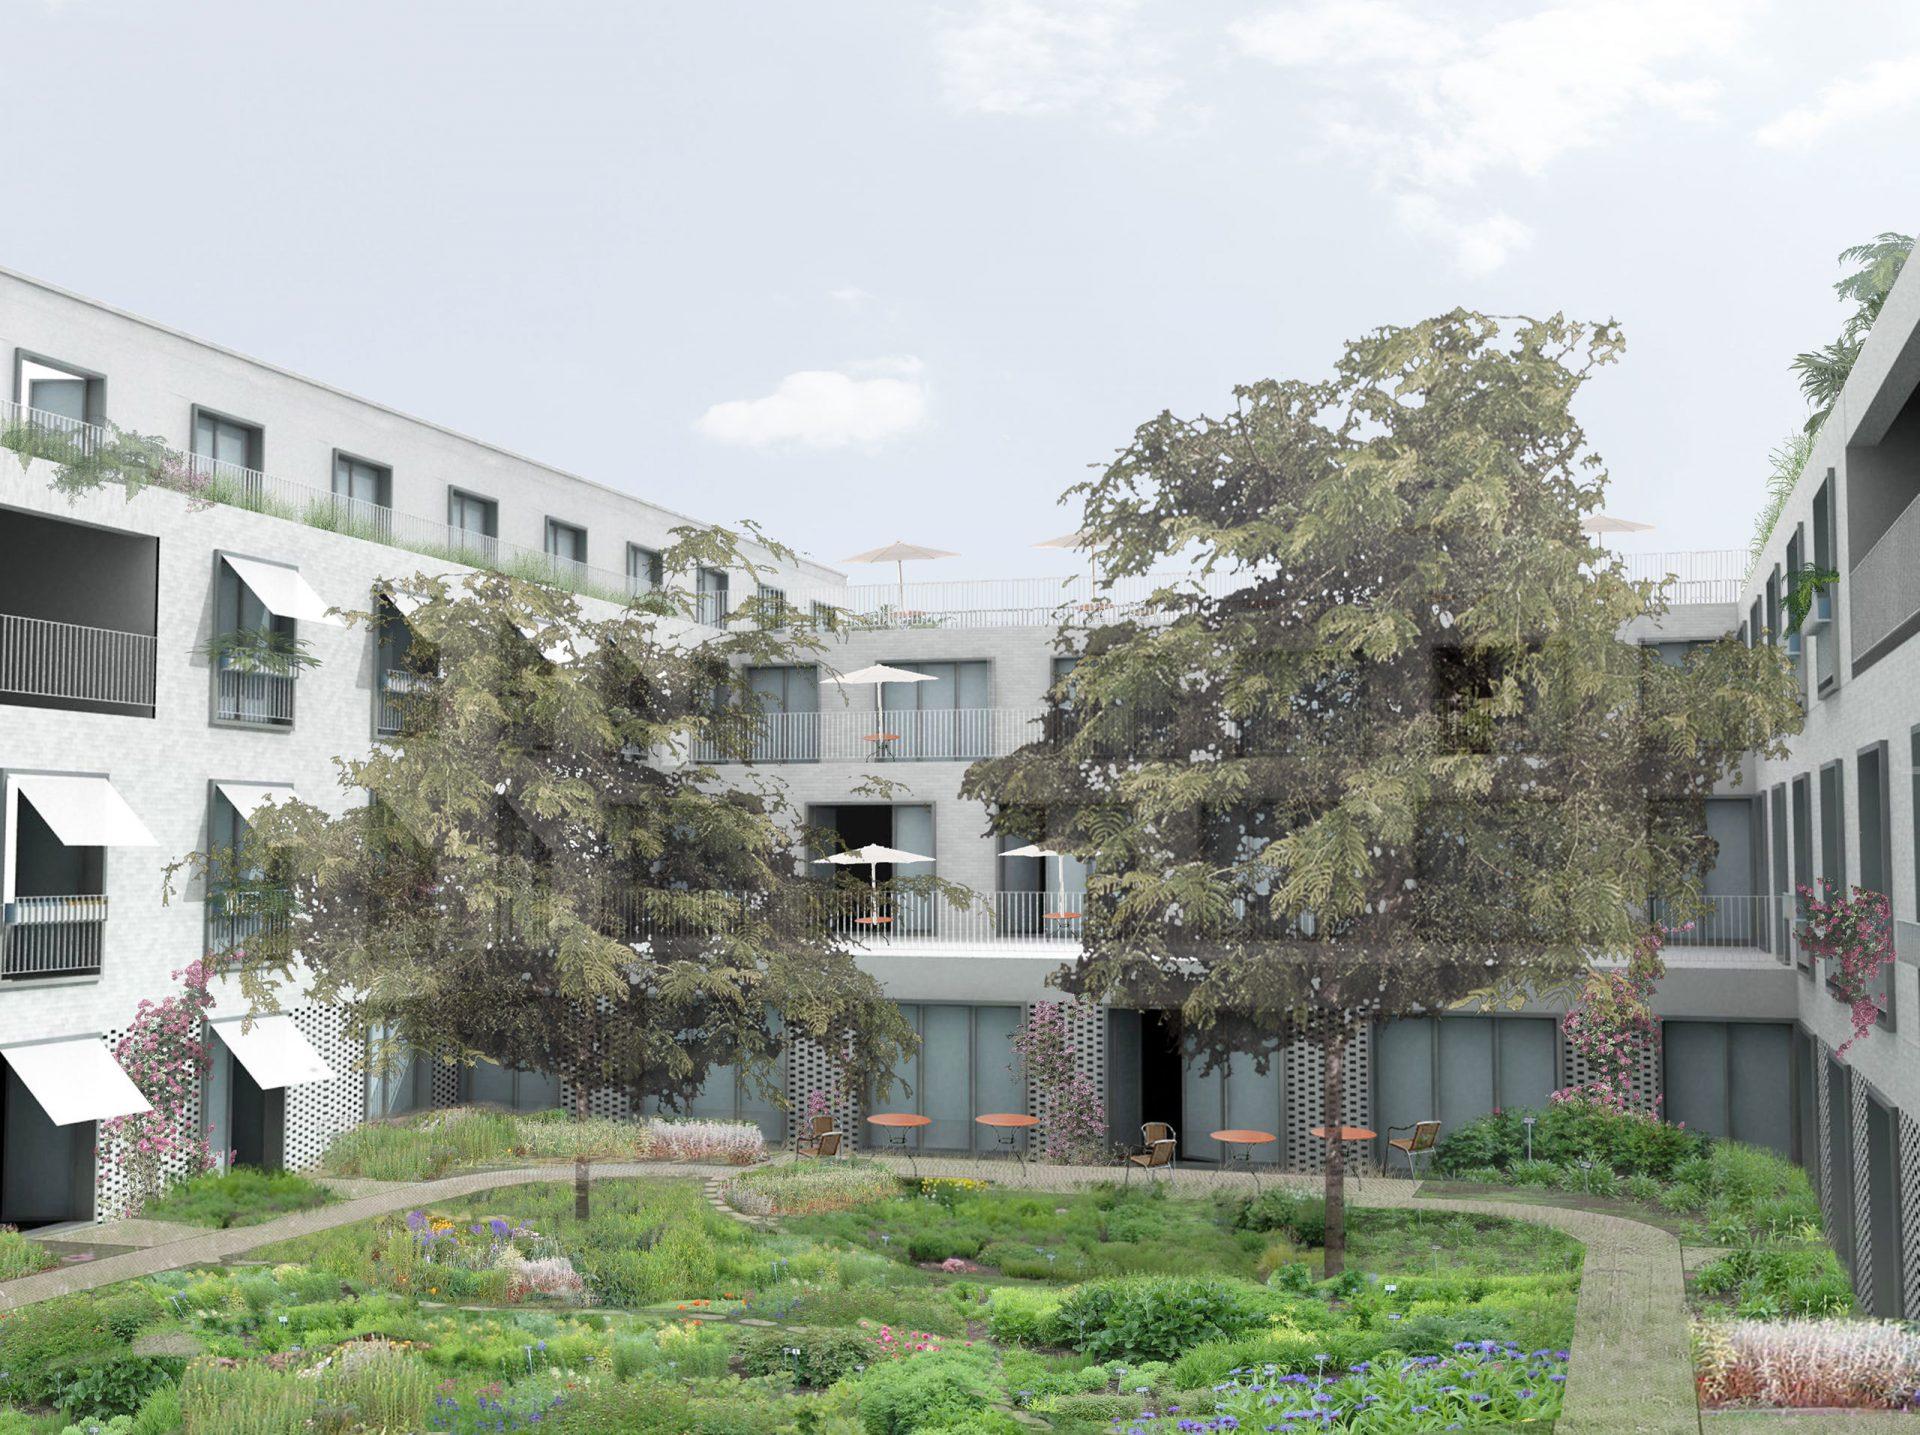 Kruishoutem Render Courtyard 3